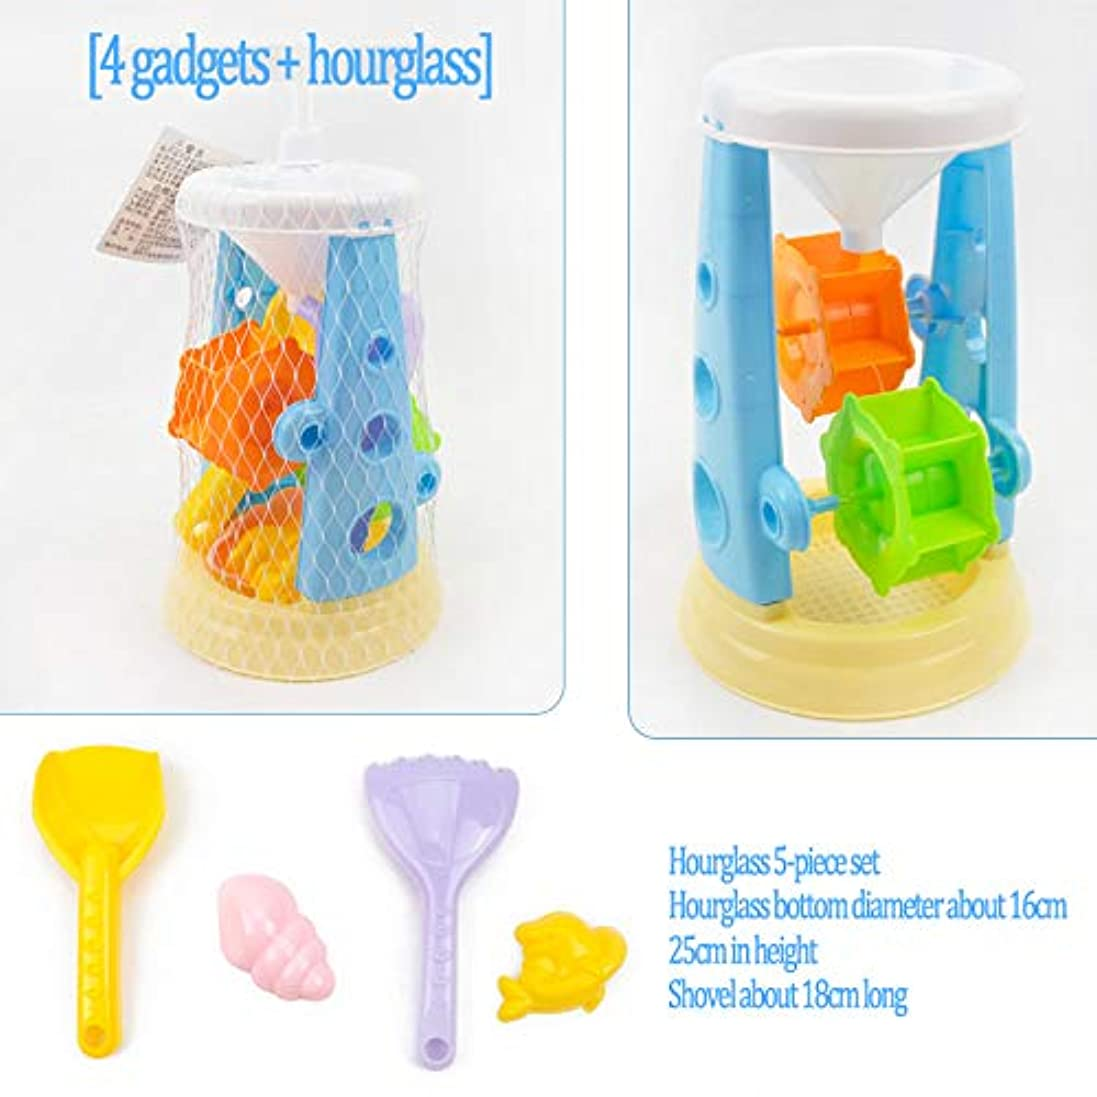 思想予見する化石子供のビーチおもちゃ砂時計掘りショベル夏の屋外スイミング赤ちゃんのお風呂のおもちゃのバギー、カーフェリーの砂時計Playsets